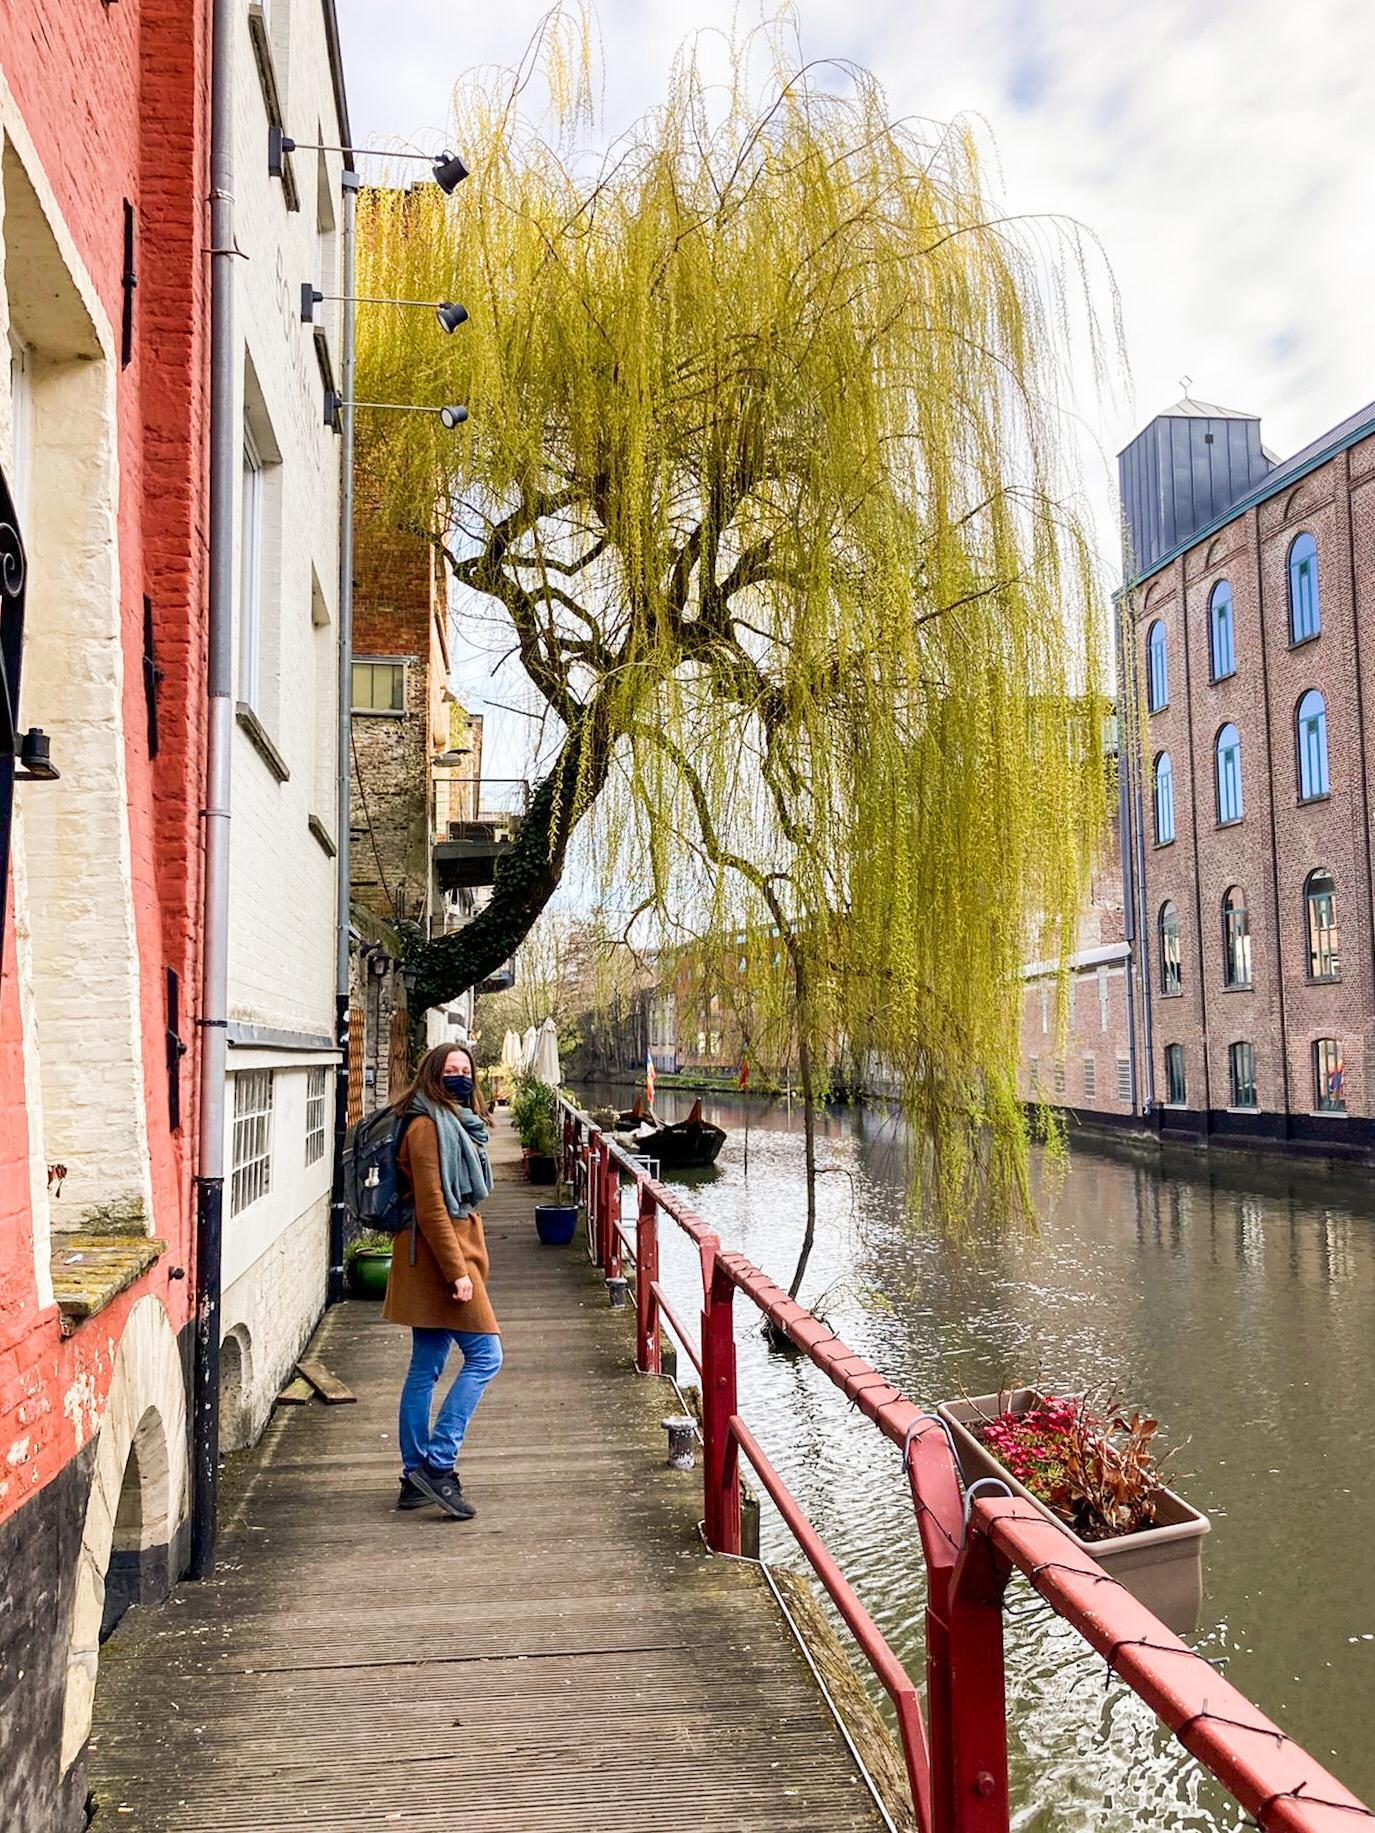 Djuli in Gent